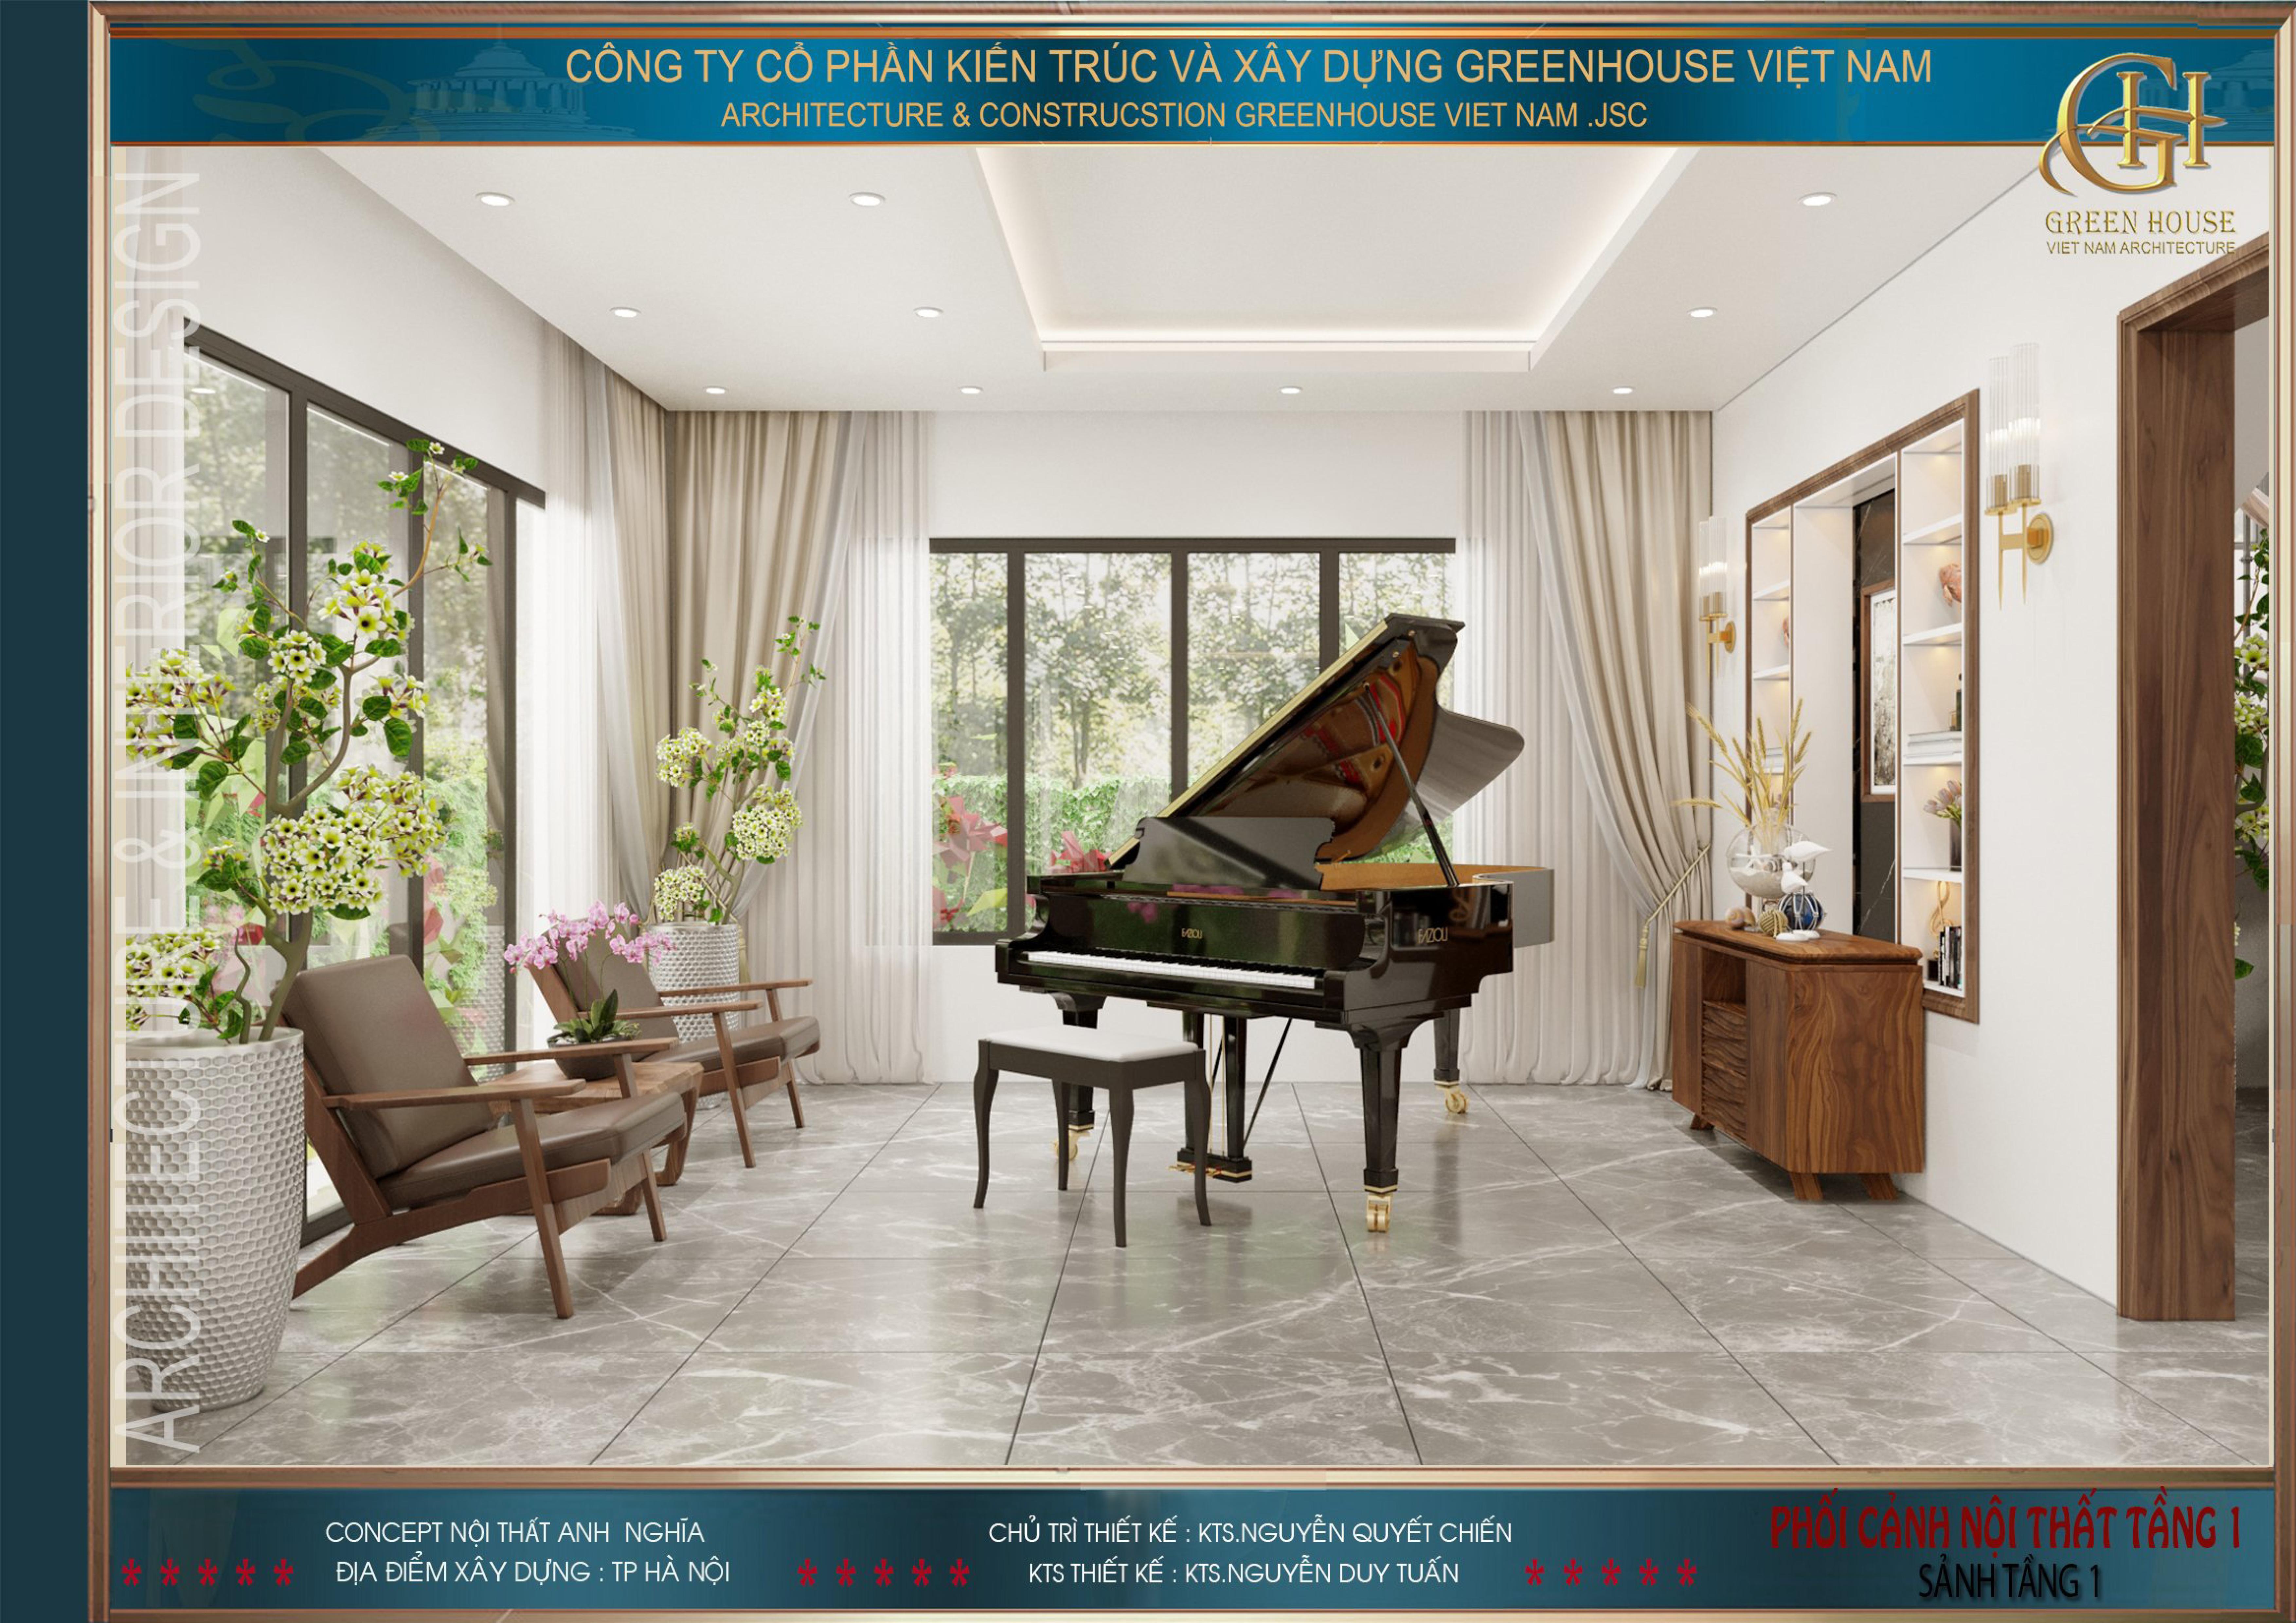 Đại sảnh với diện tích 21m2, được bố trí khu vực chơi đàn, phục vụ những buổi thưởng nhạc của gia chủ